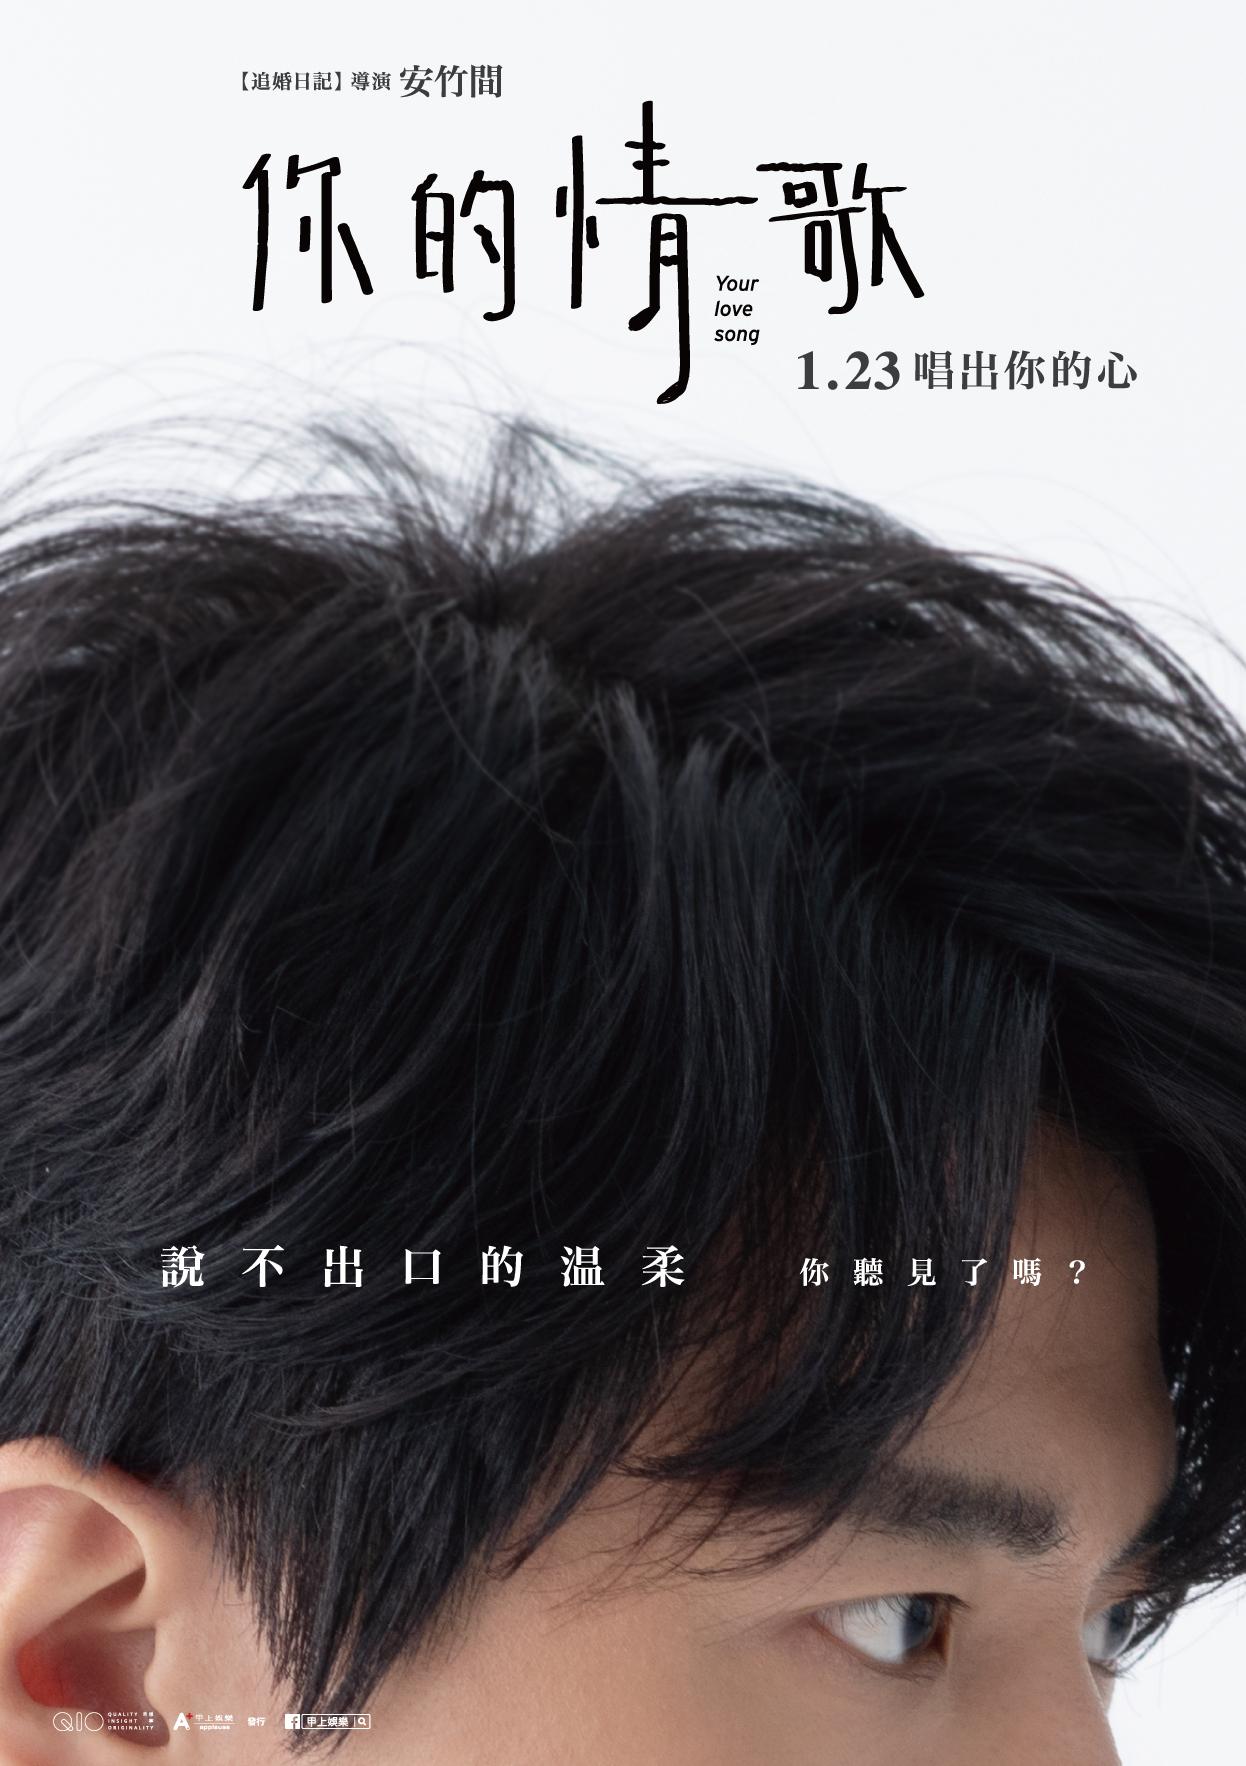 《你的情歌》釜山影展首亮相 電影版權立刻狂銷十地區